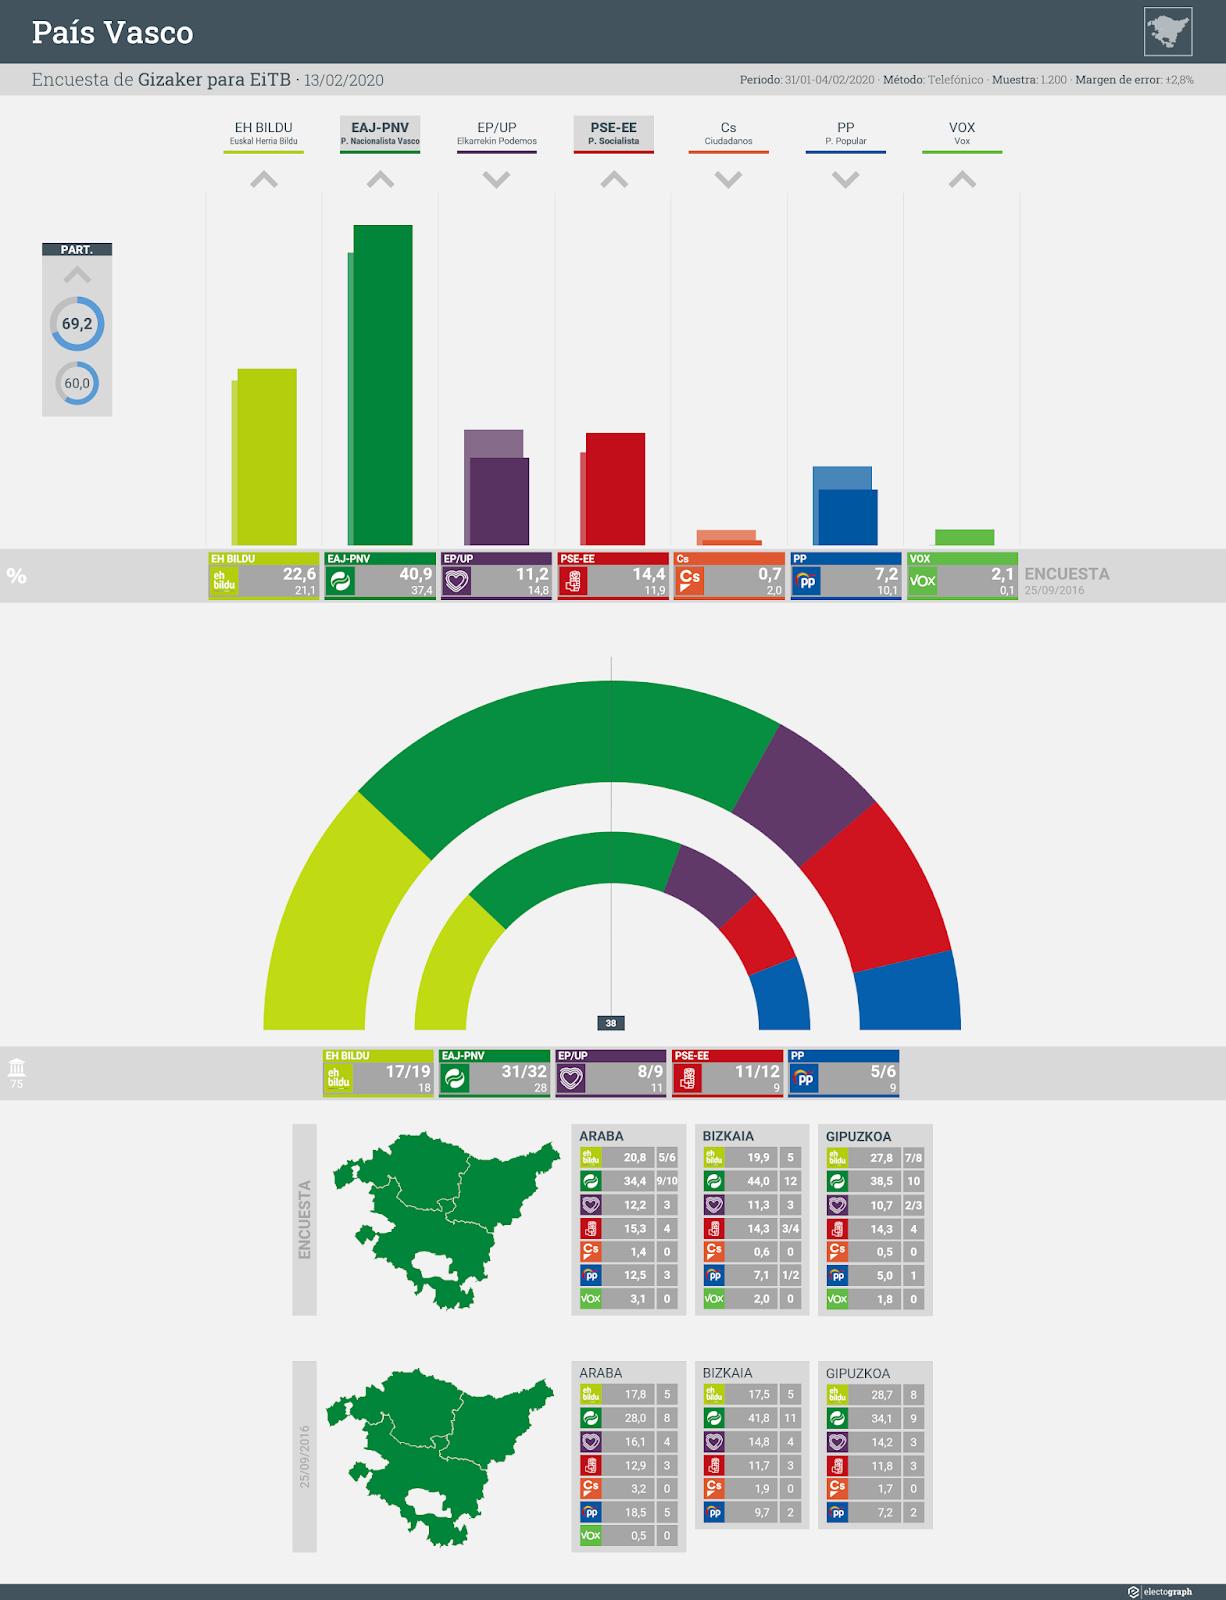 Gráfico de la encuesta para elecciones autonómicas en el País Vasco realizada por Gizaker para EiTB, 13 de febrero de 2020